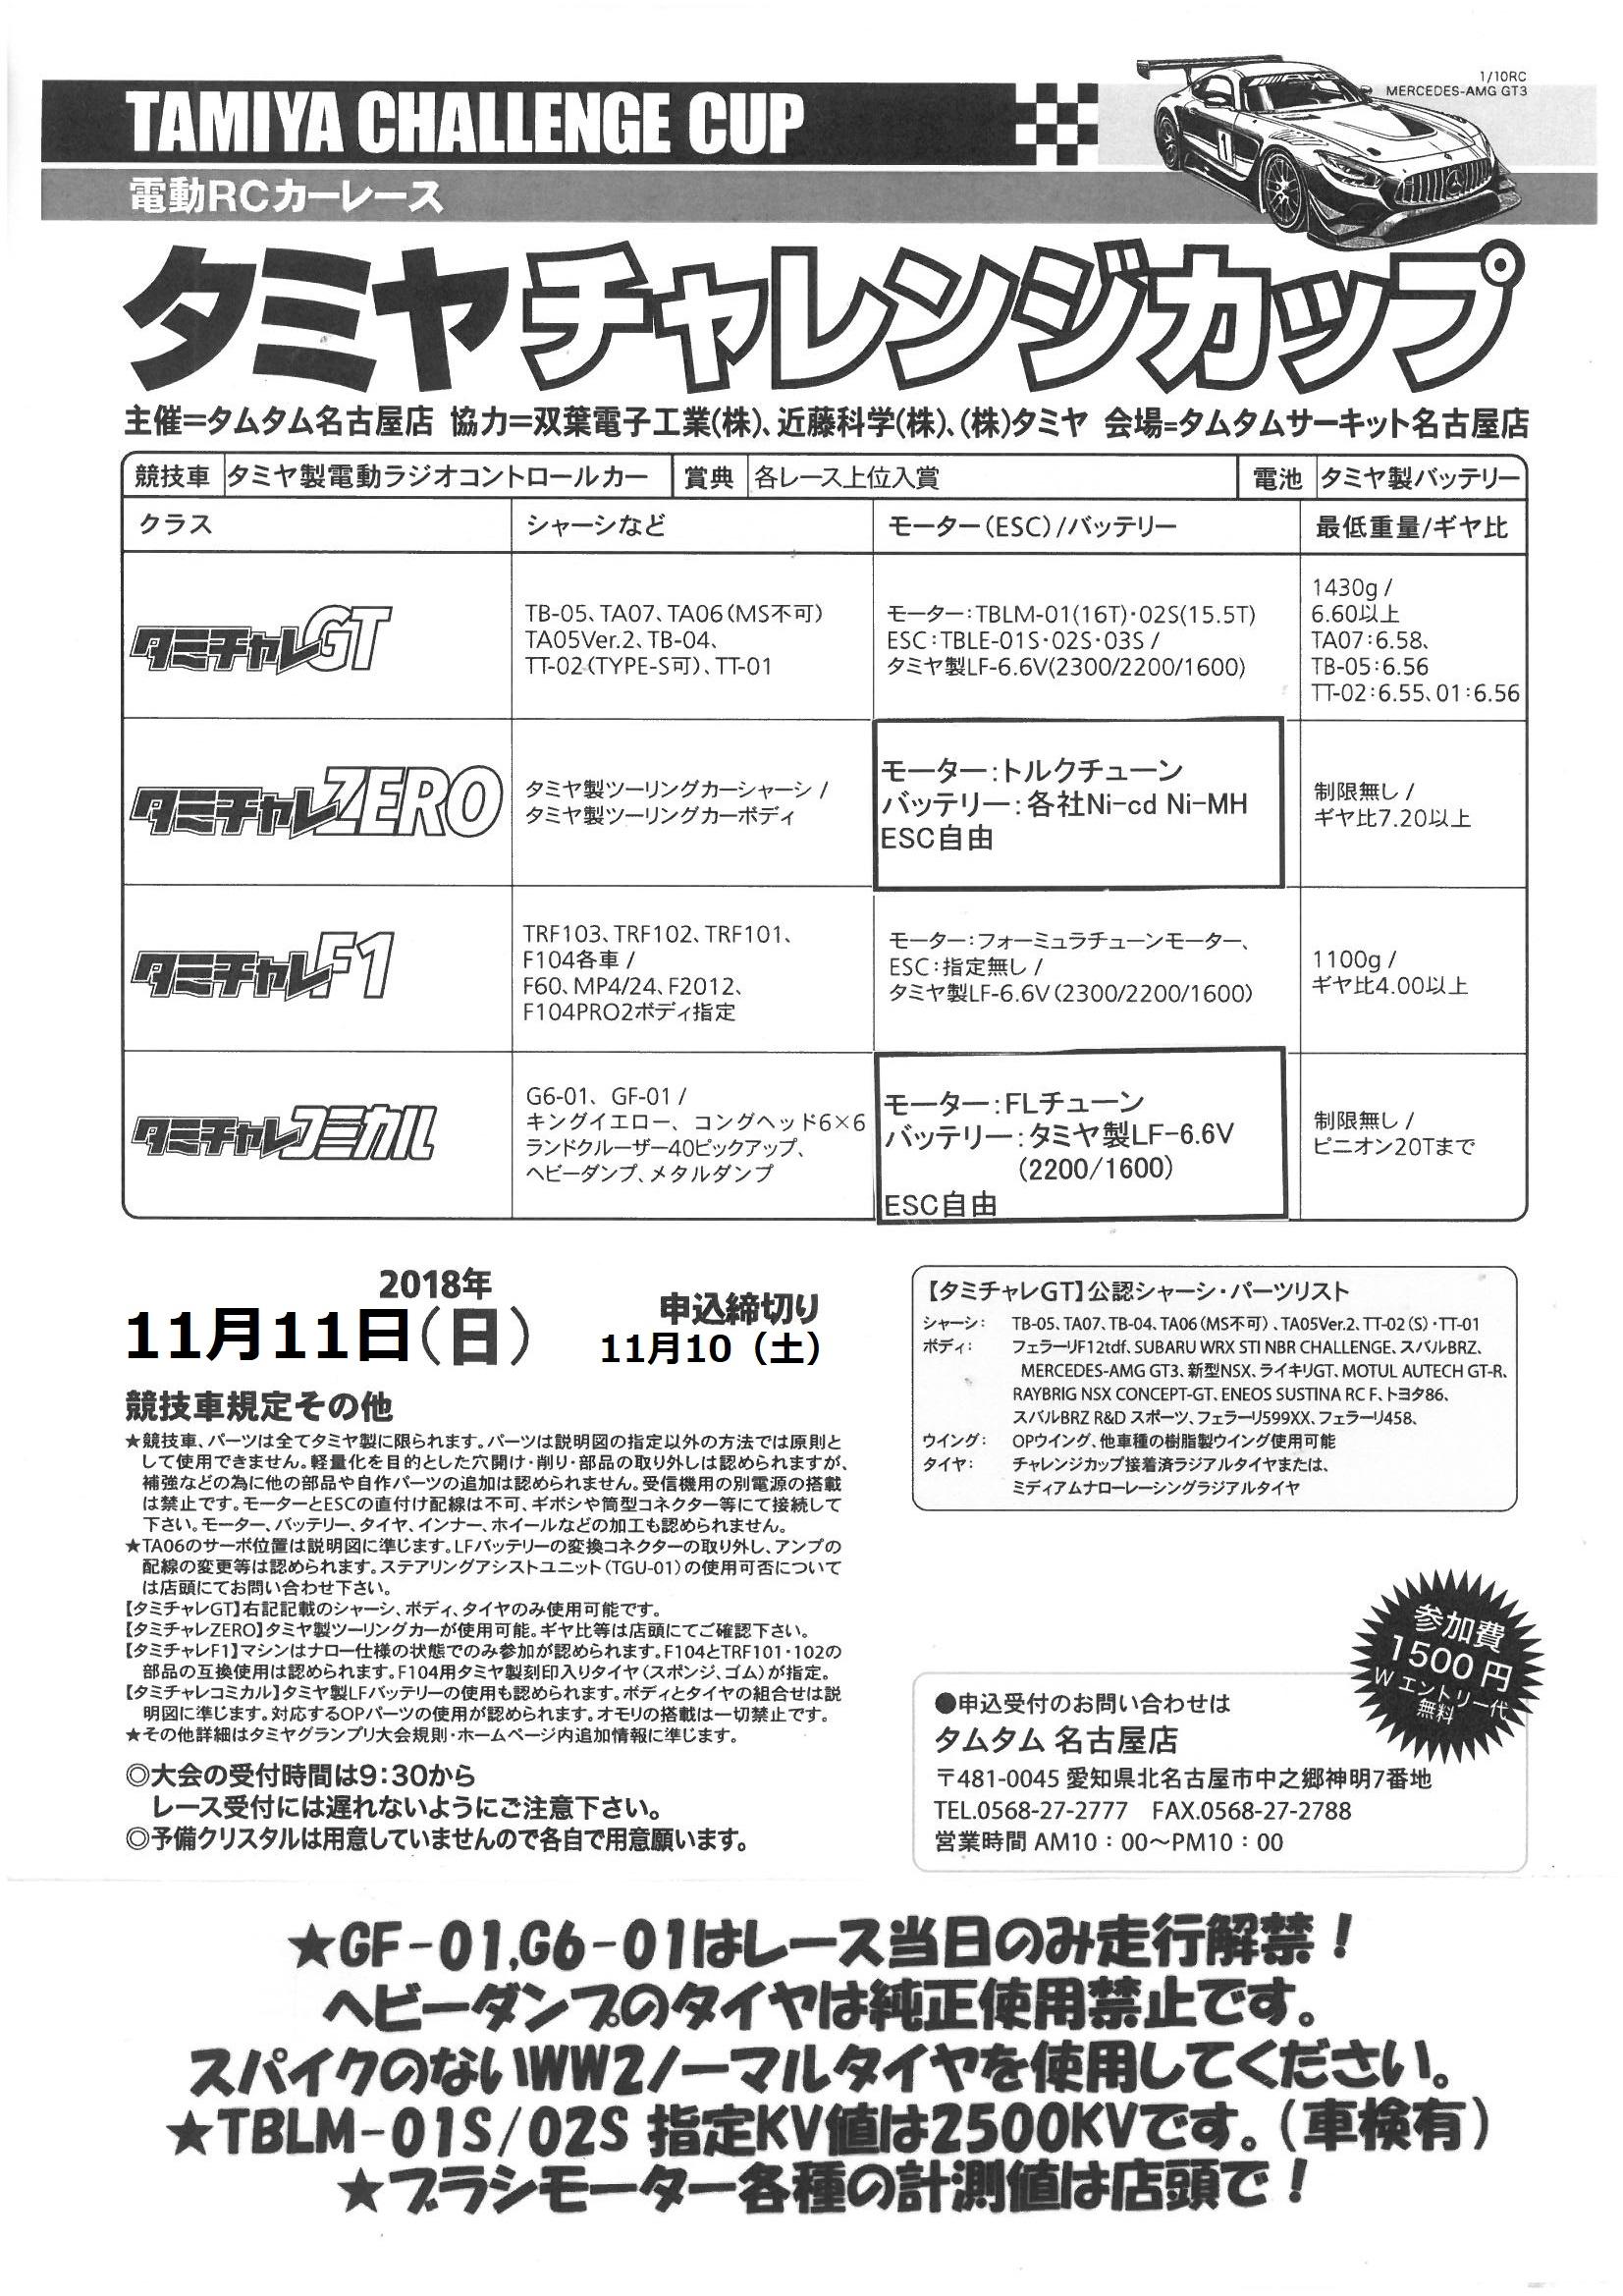 タミヤチャレンジ開催のお知らせ